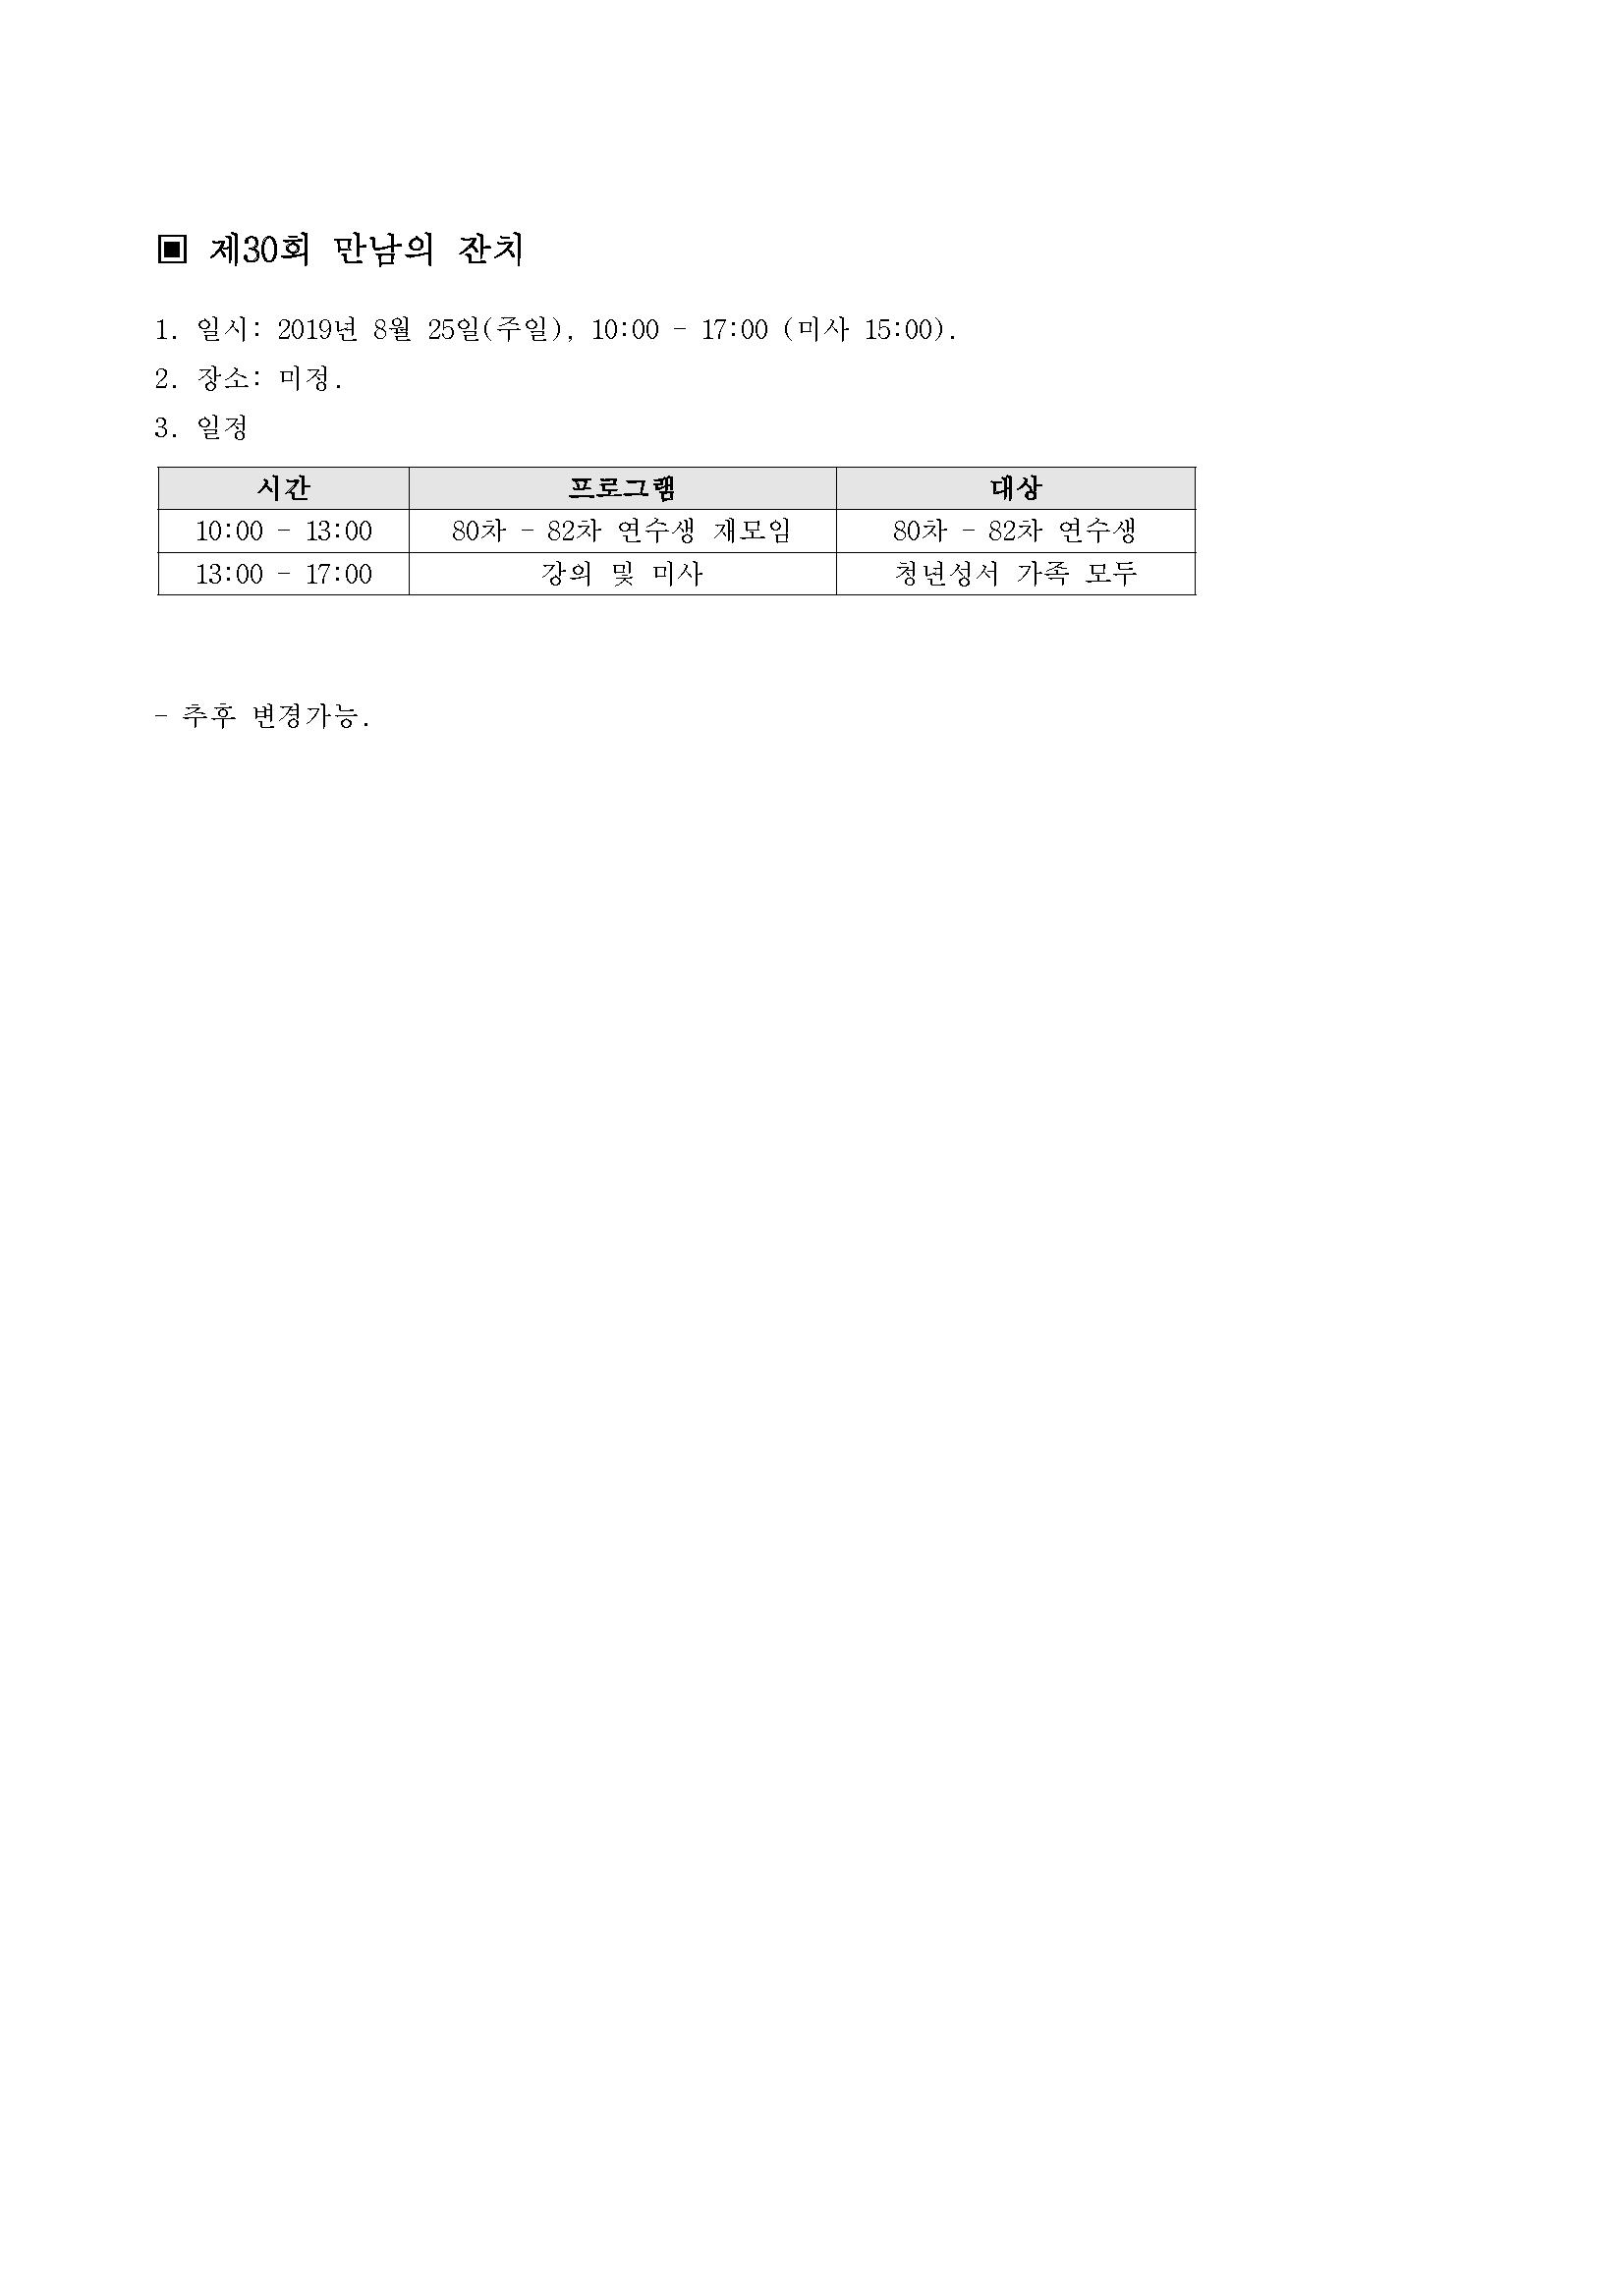 2019년 청년성서 여름연수 신청 안내 공문_Page_5.png